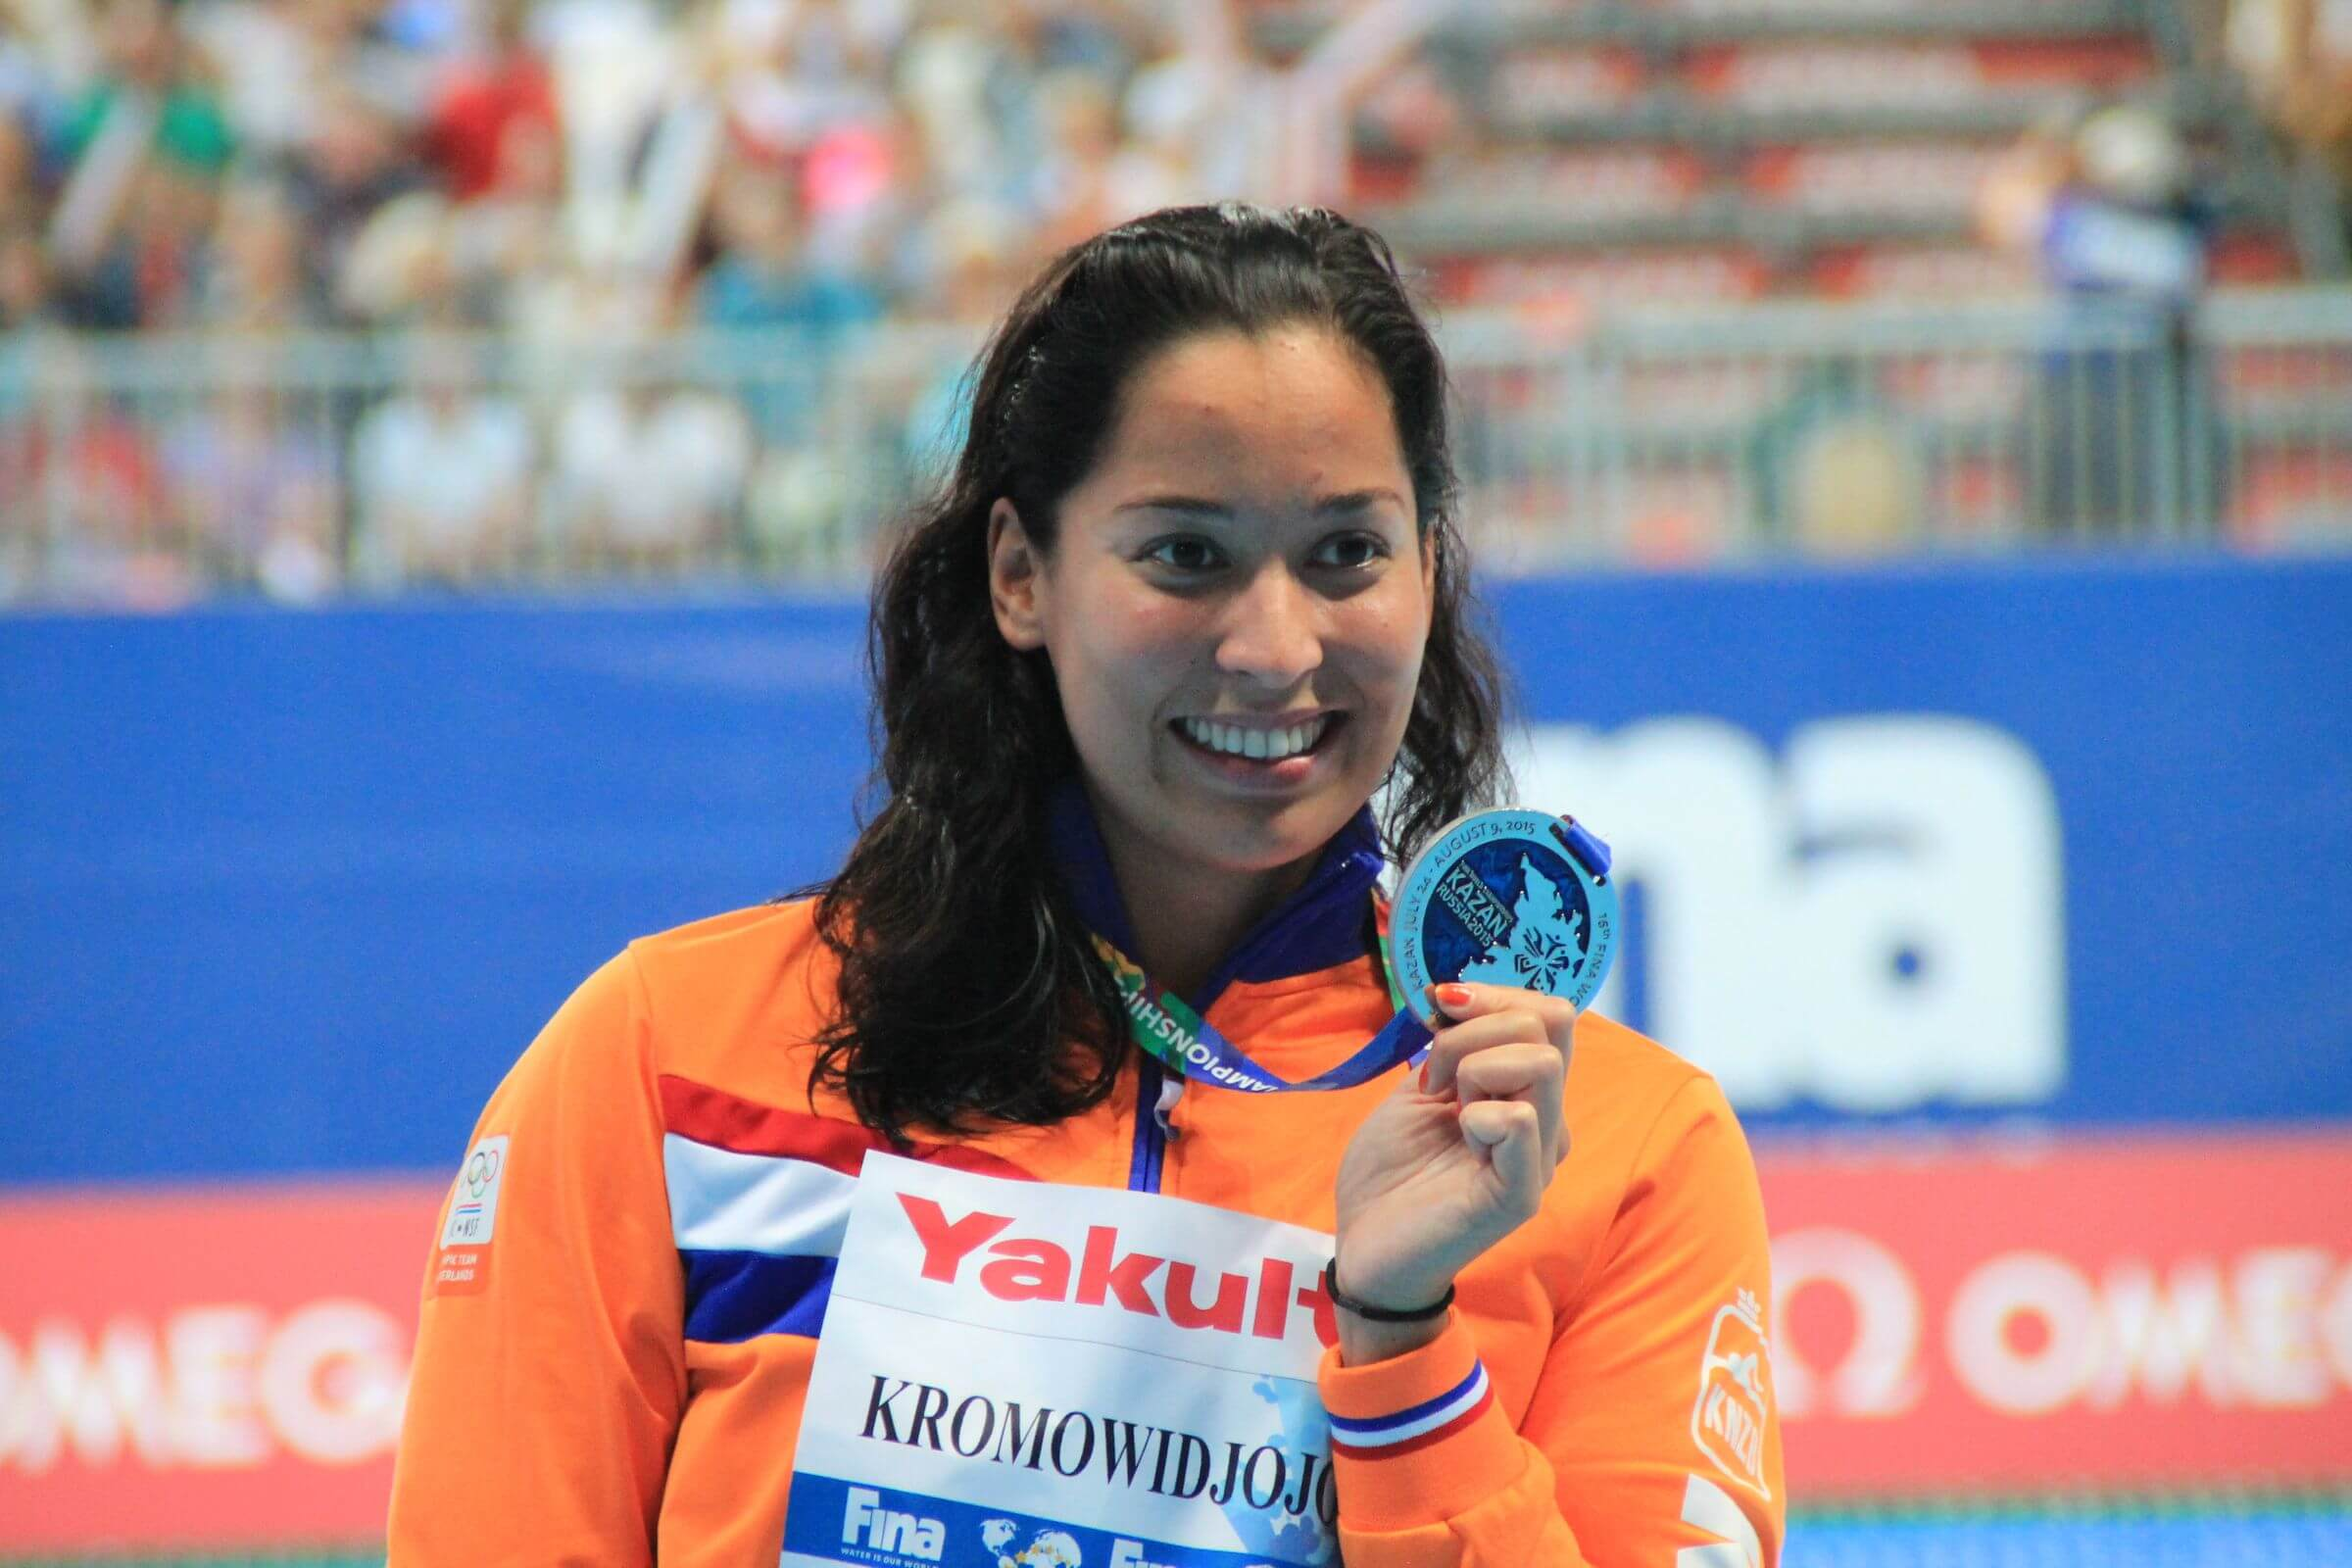 ranomi-kromowidjojo-world-championships-2015 (2)